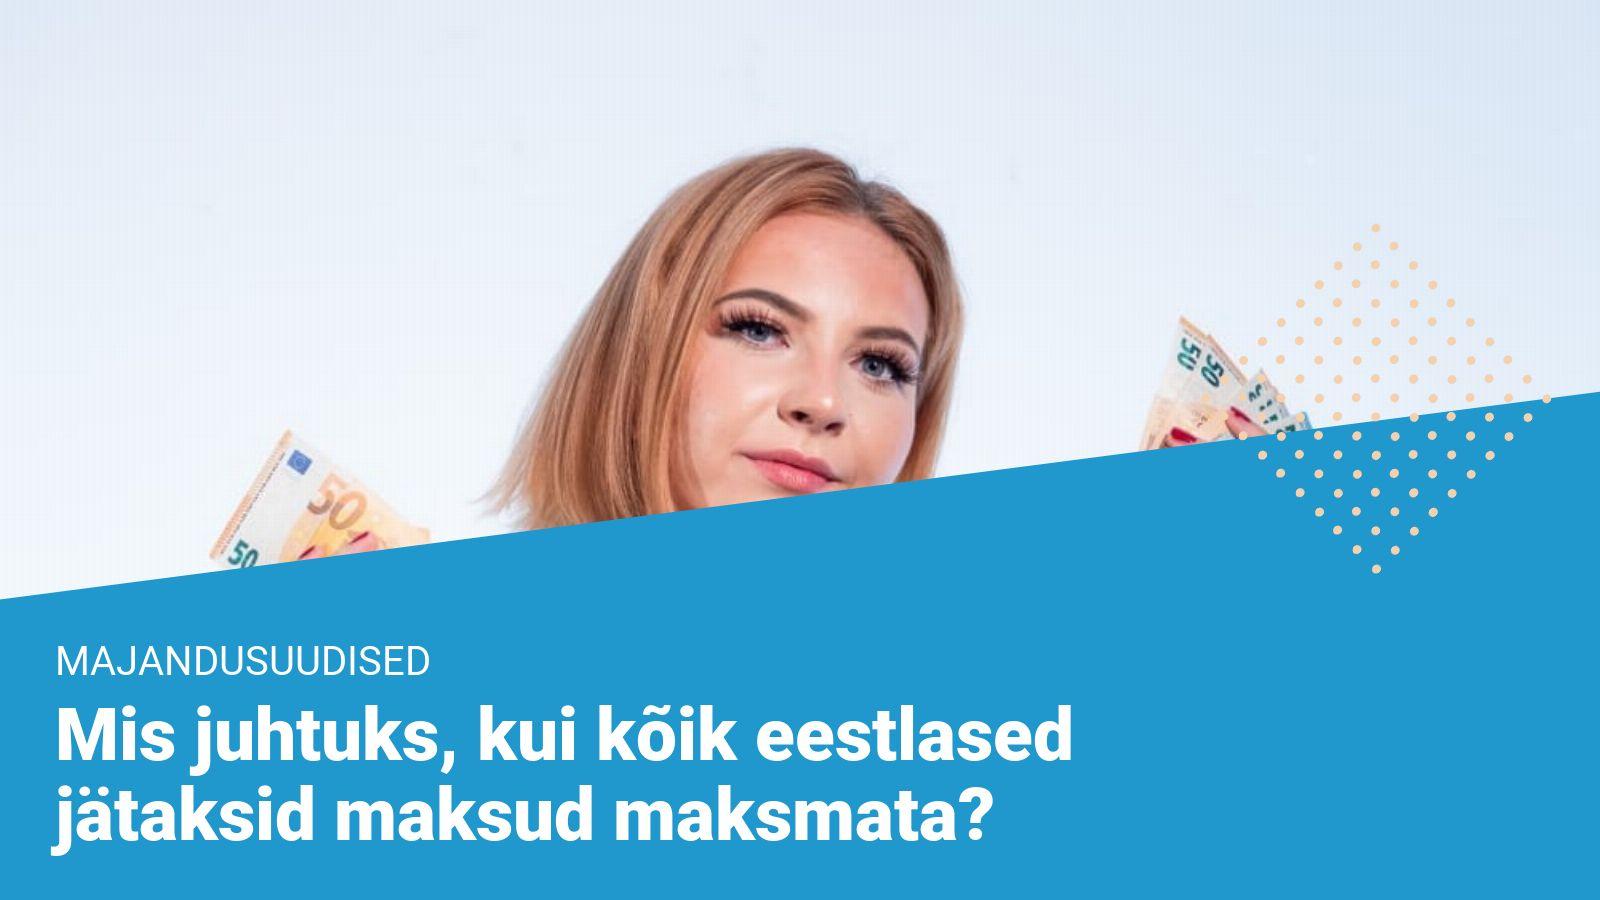 Mis juhtuks, kui kõik eestlased jätaksid maksud maksmata